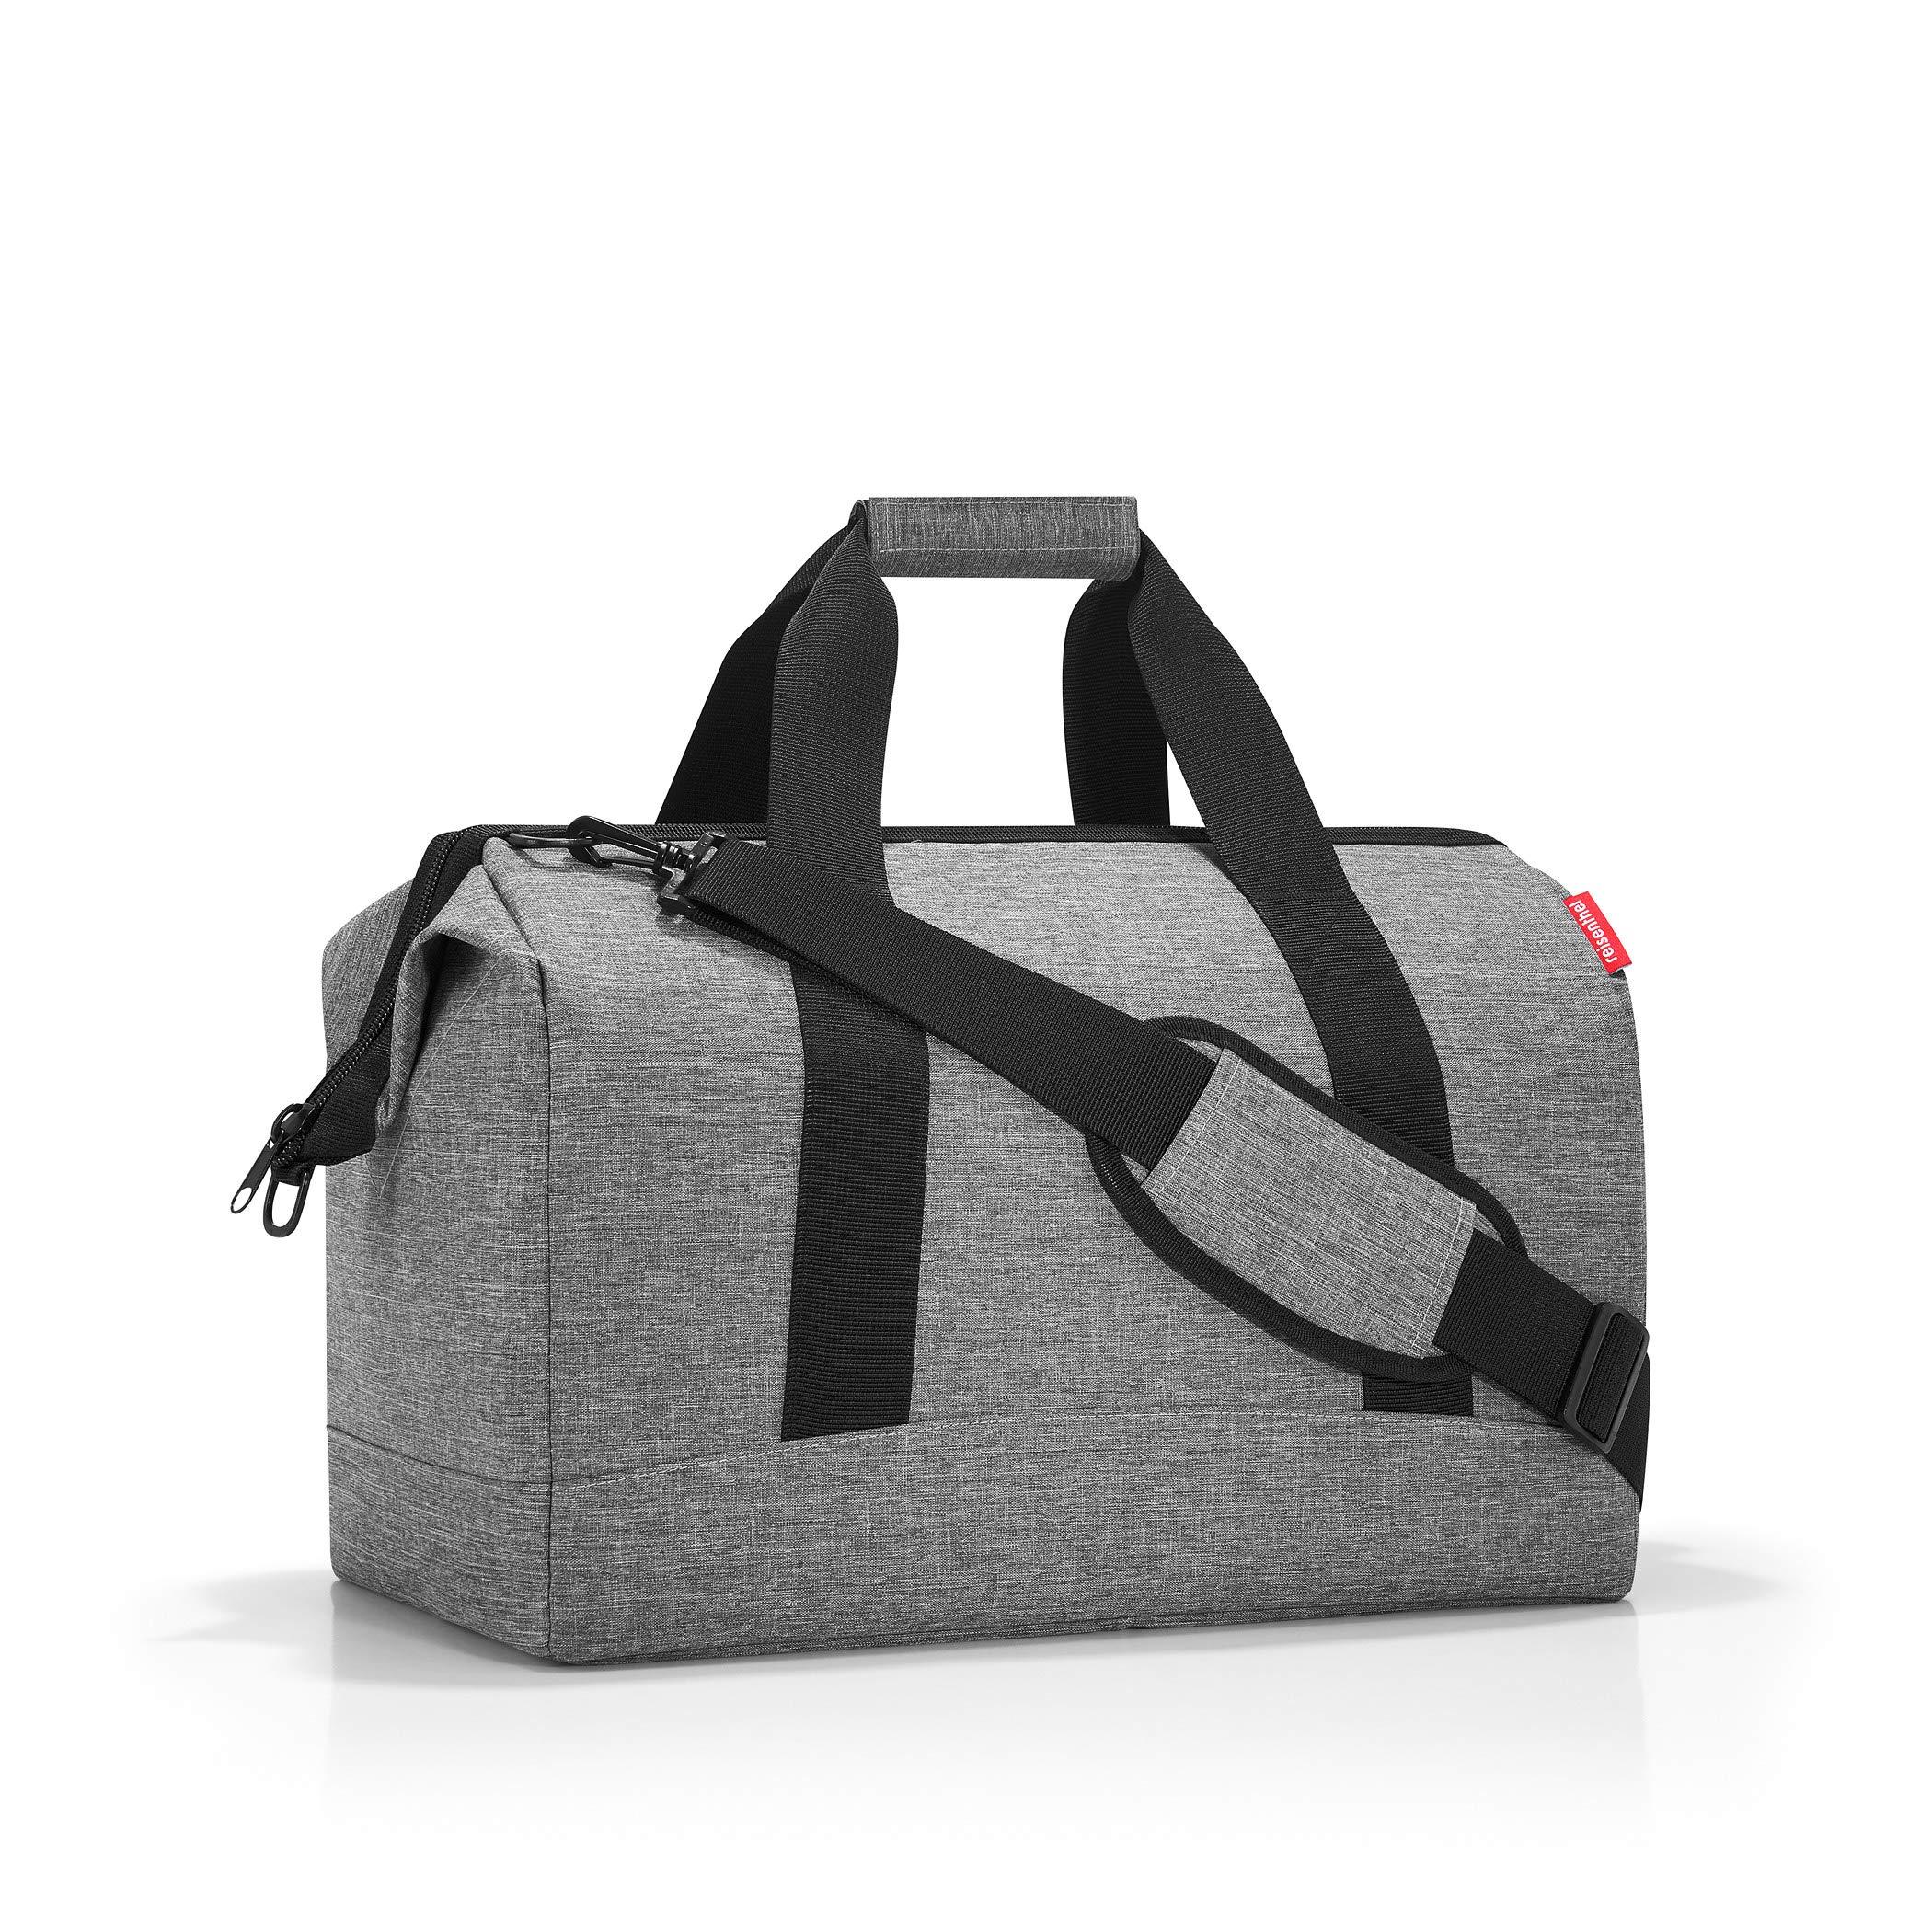 Reisenthel Handtaschen Taschen ALLROUNDER L_7052 twist silver Grau SrB6L